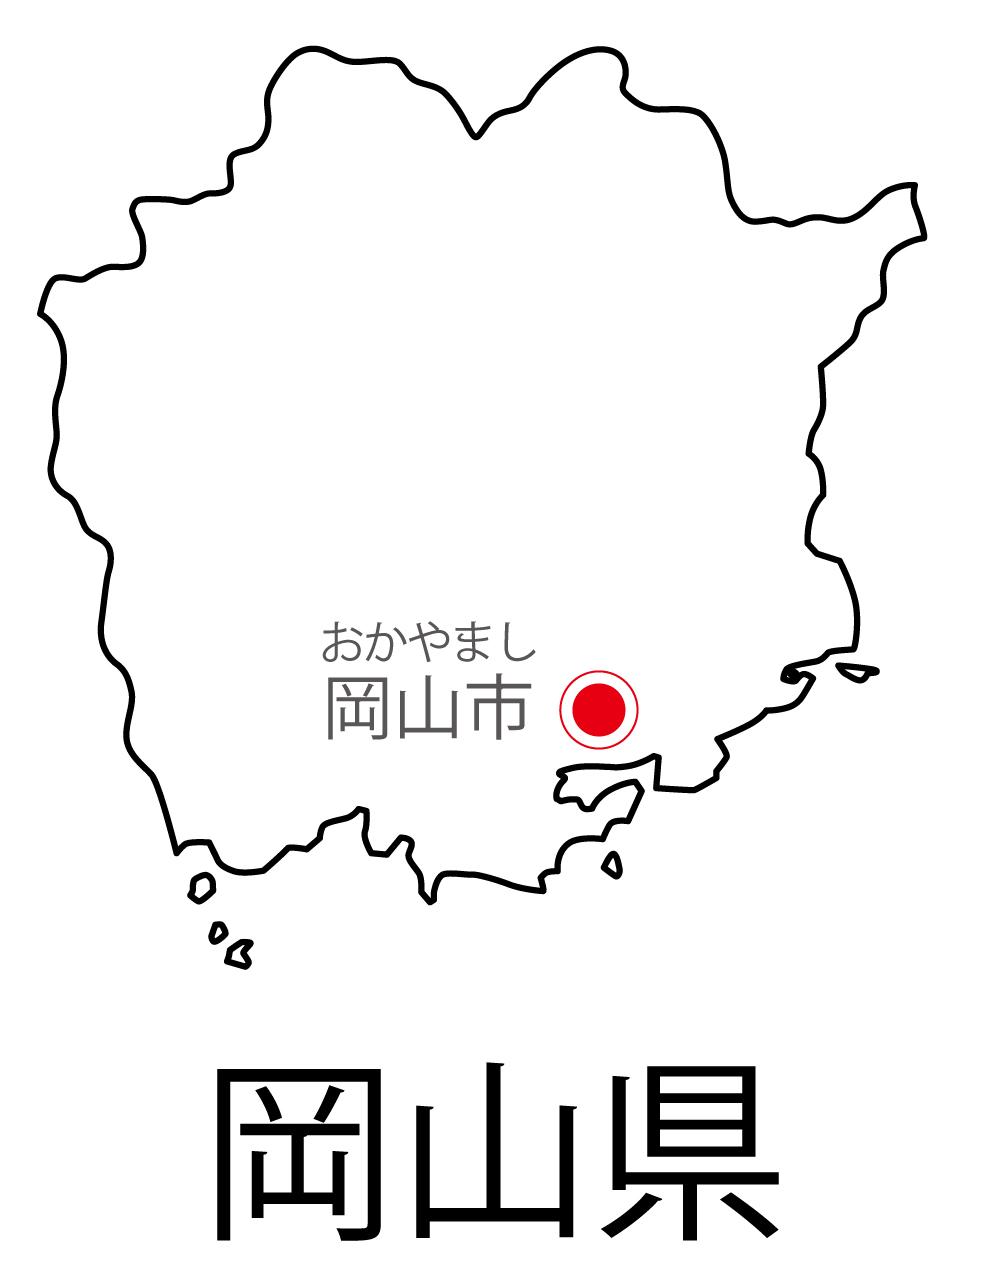 岡山県無料フリーイラスト|日本語・都道府県名あり・県庁所在地あり・ルビあり(白)